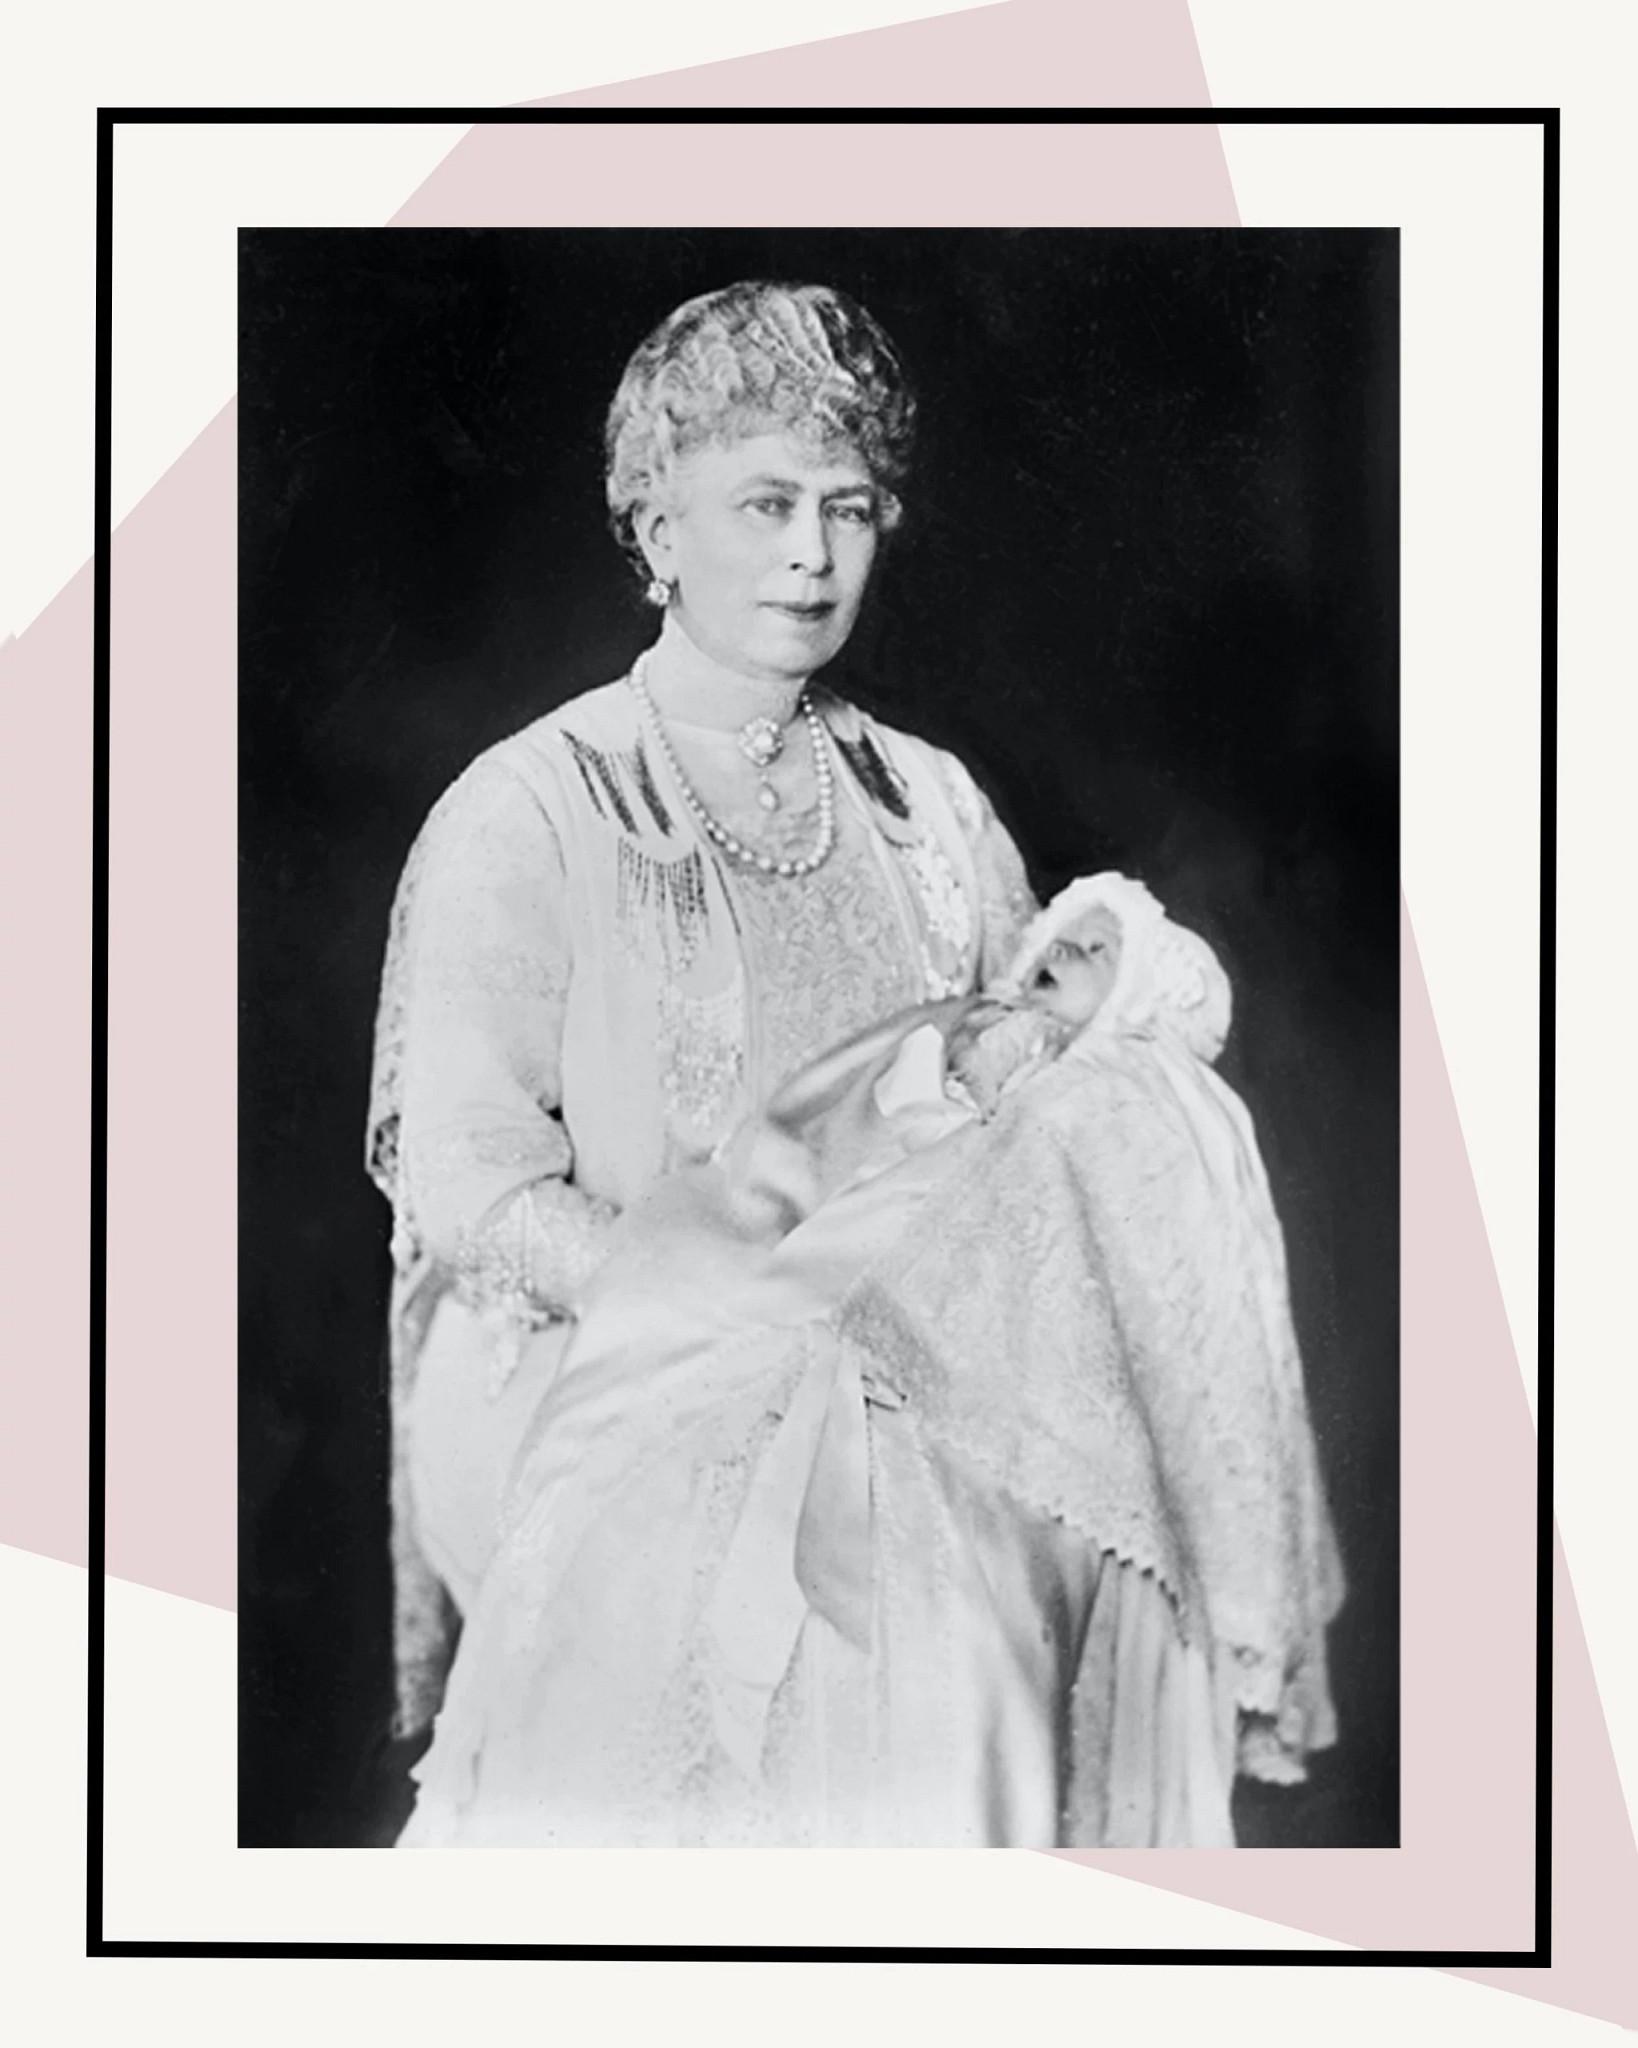 怀抱孙女伊丽莎白二世的玛丽女皇